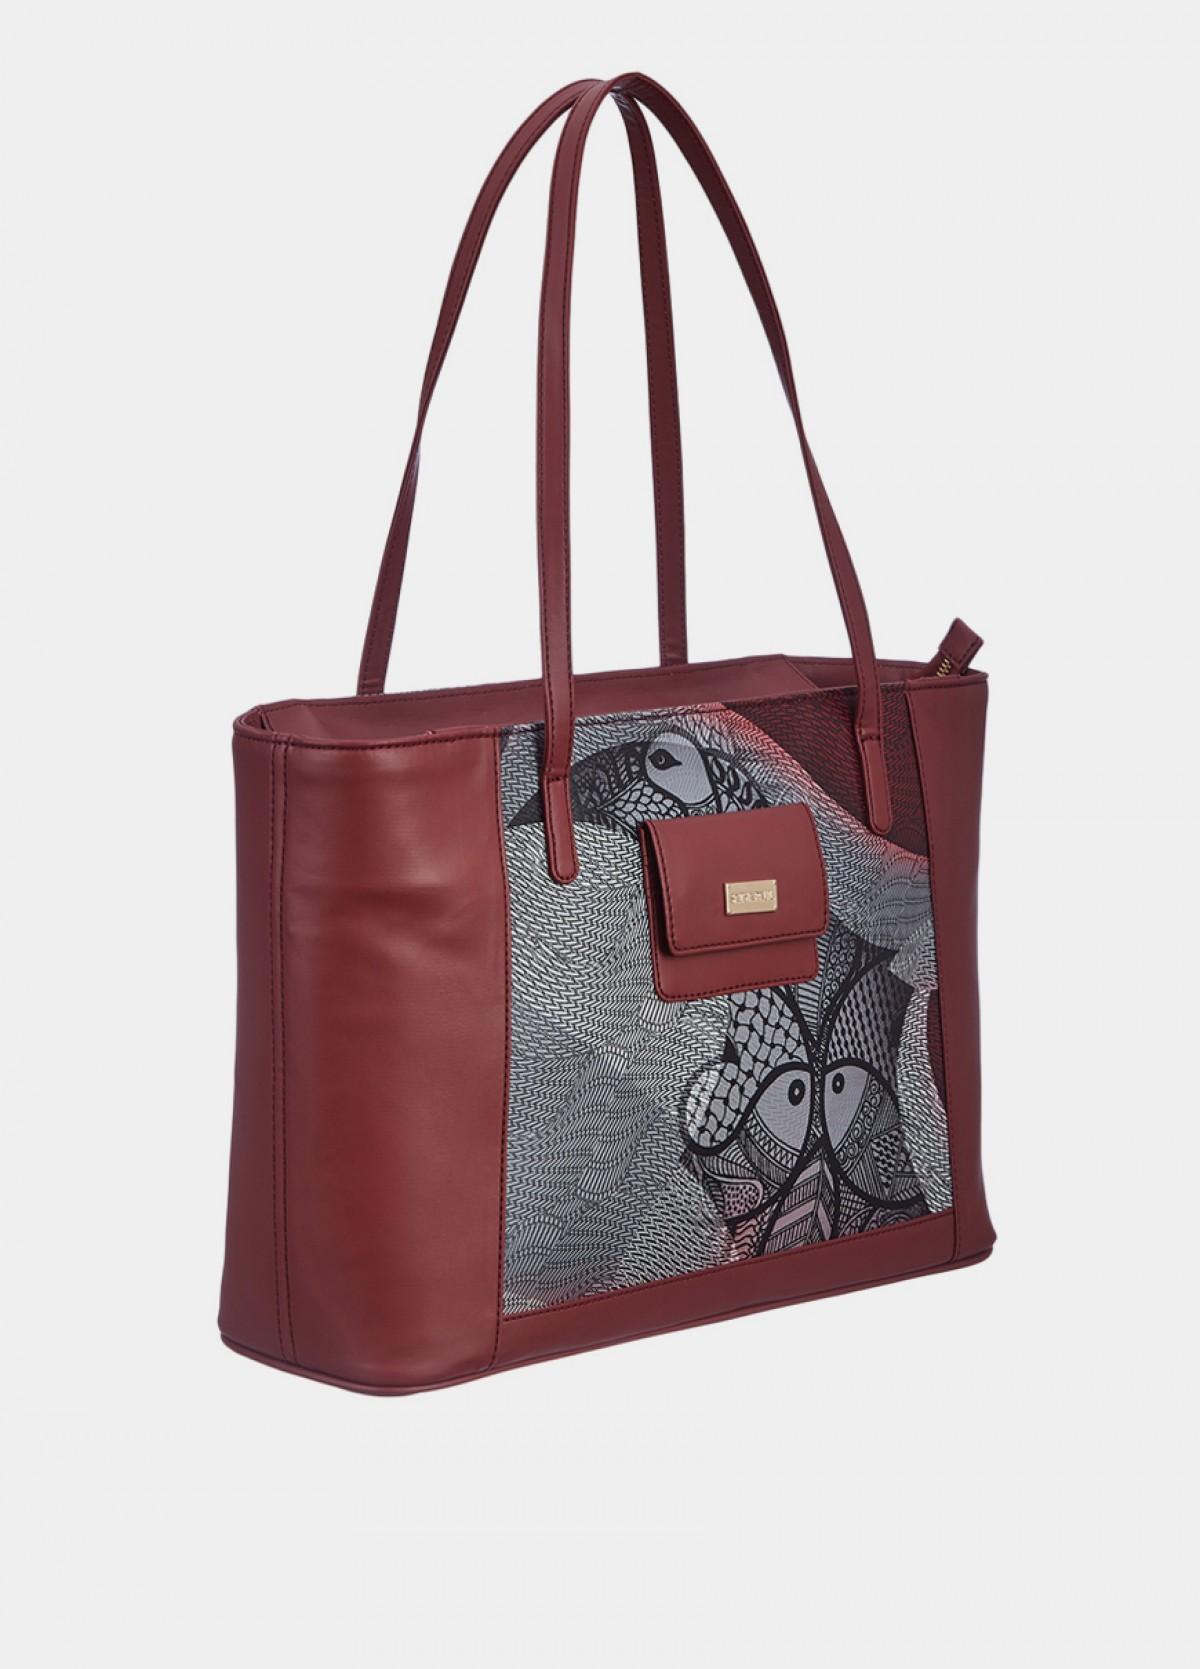 The Machhli Tote Bag